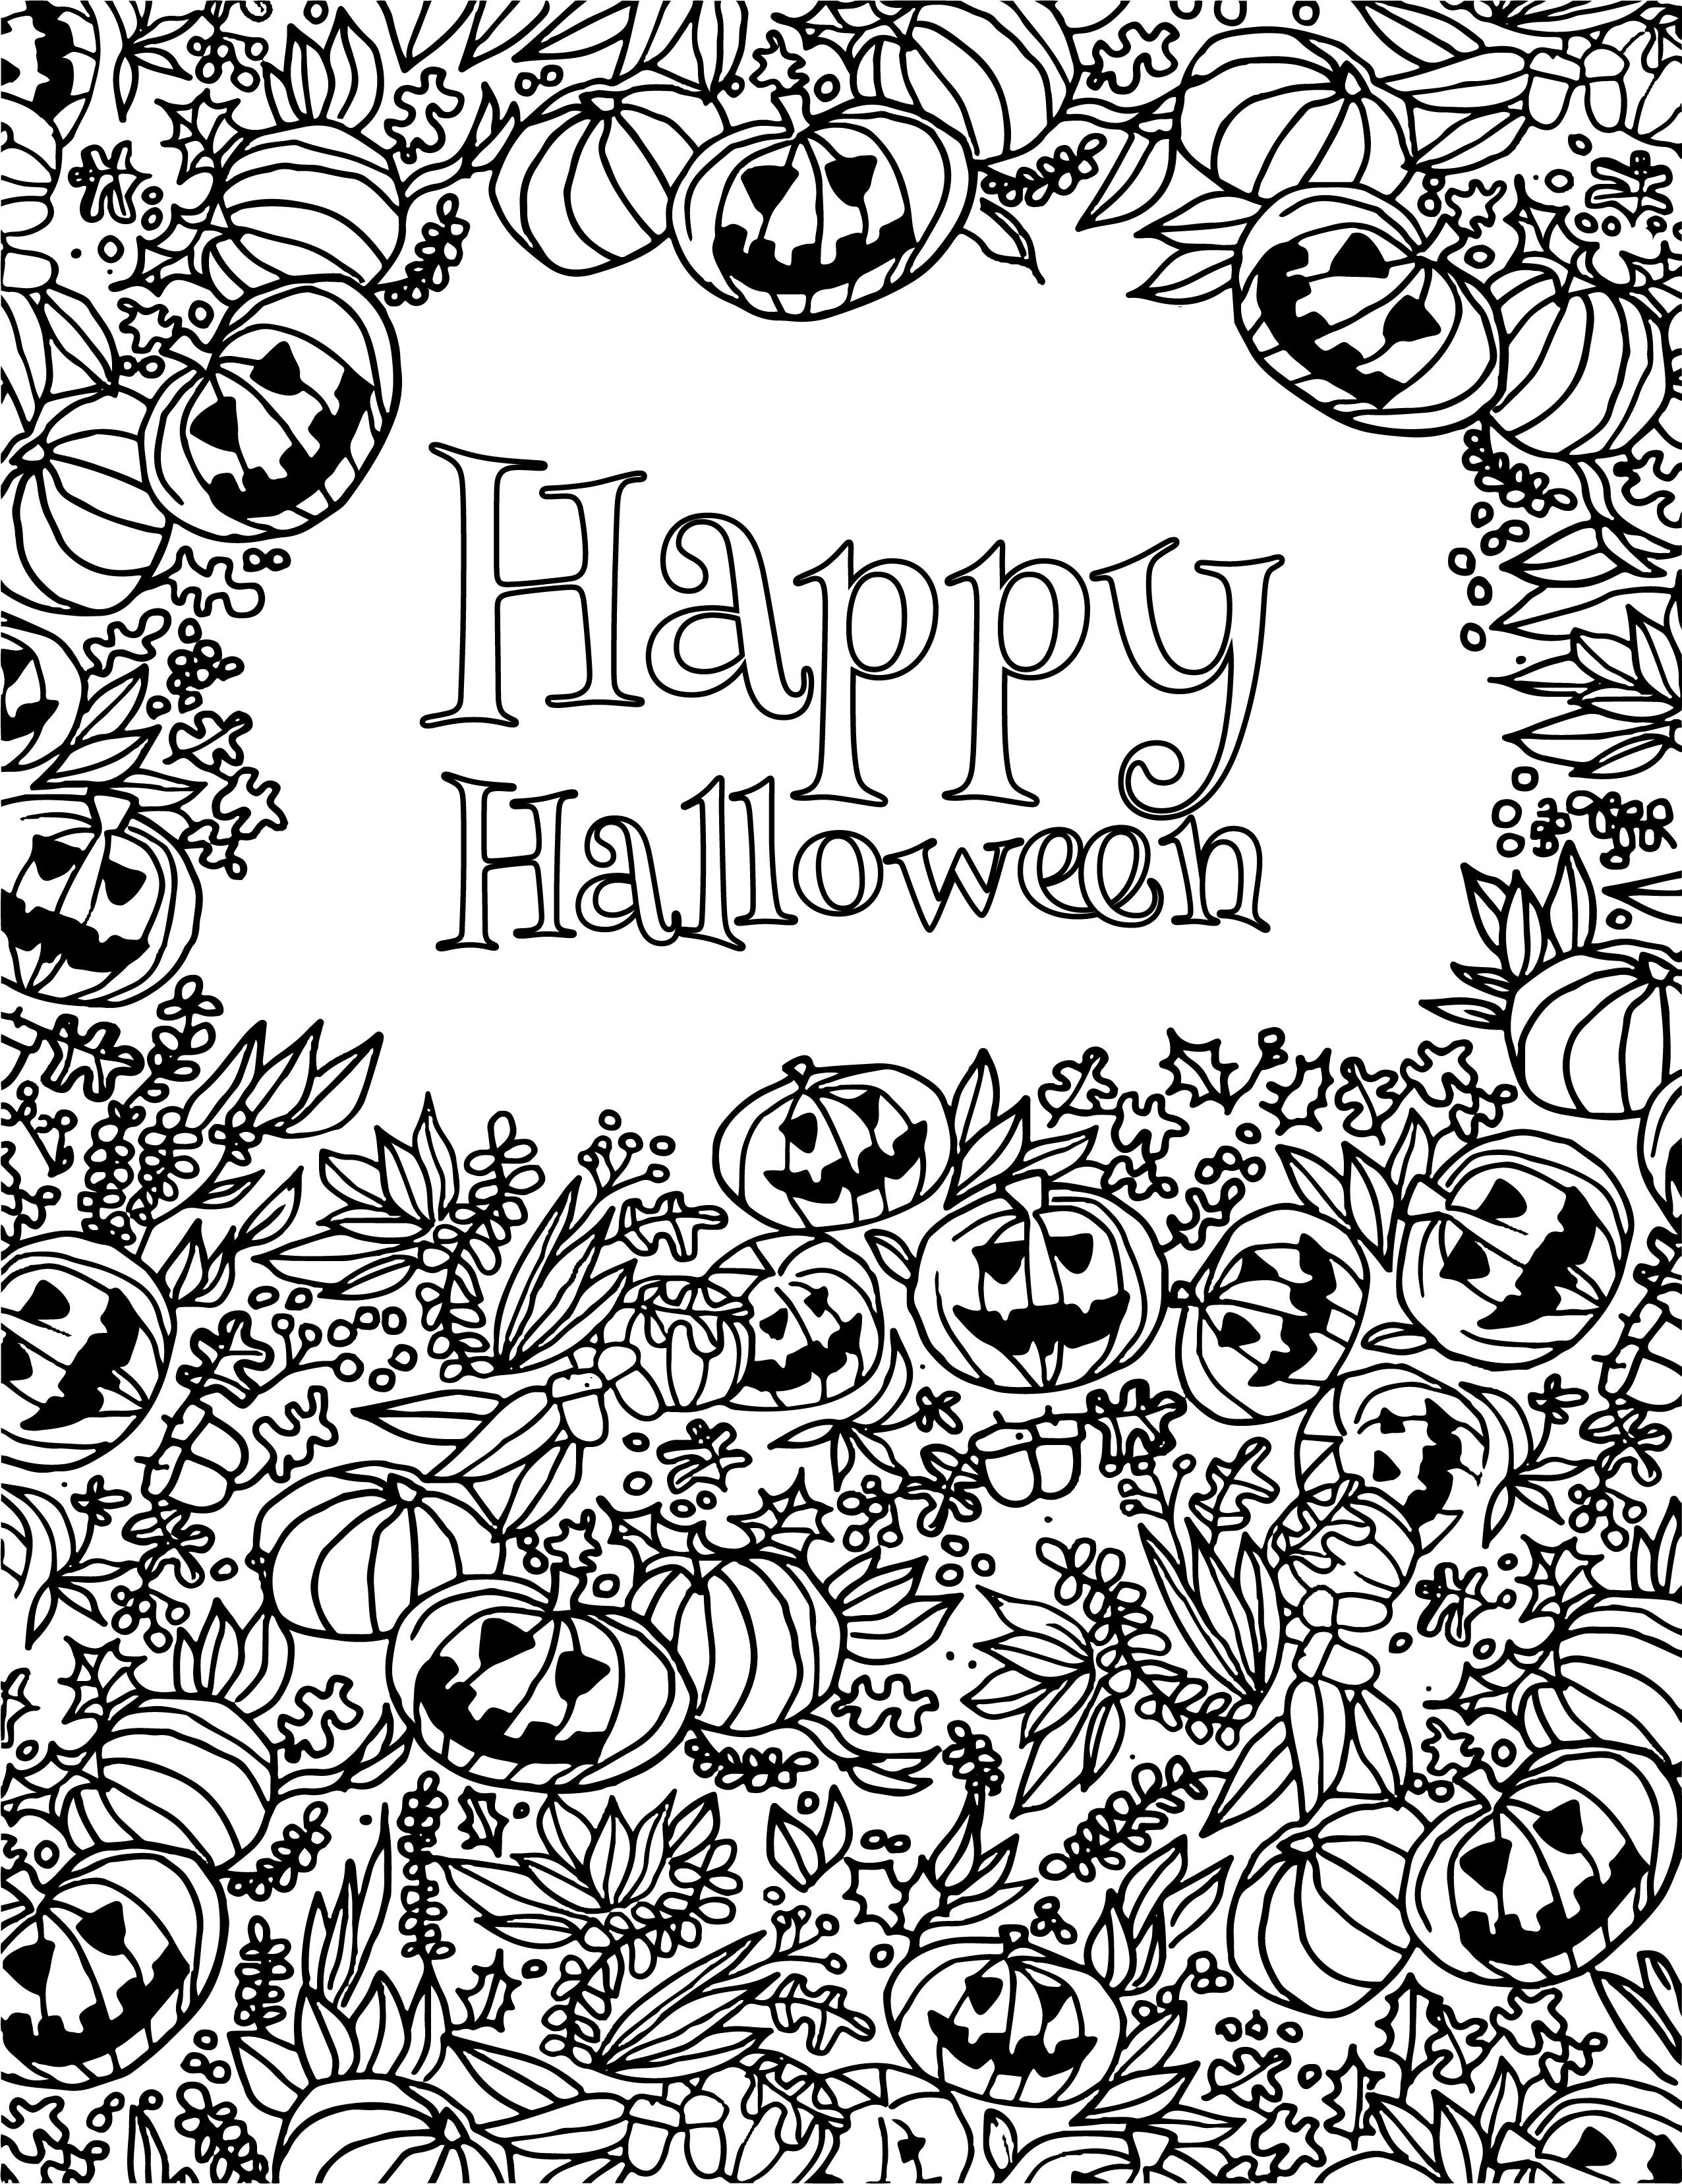 Joyeux Halloween Party Coloriage 31 Octobre - Artherapie.ca concernant Coloriages Halloween À Imprimer Gratuitement